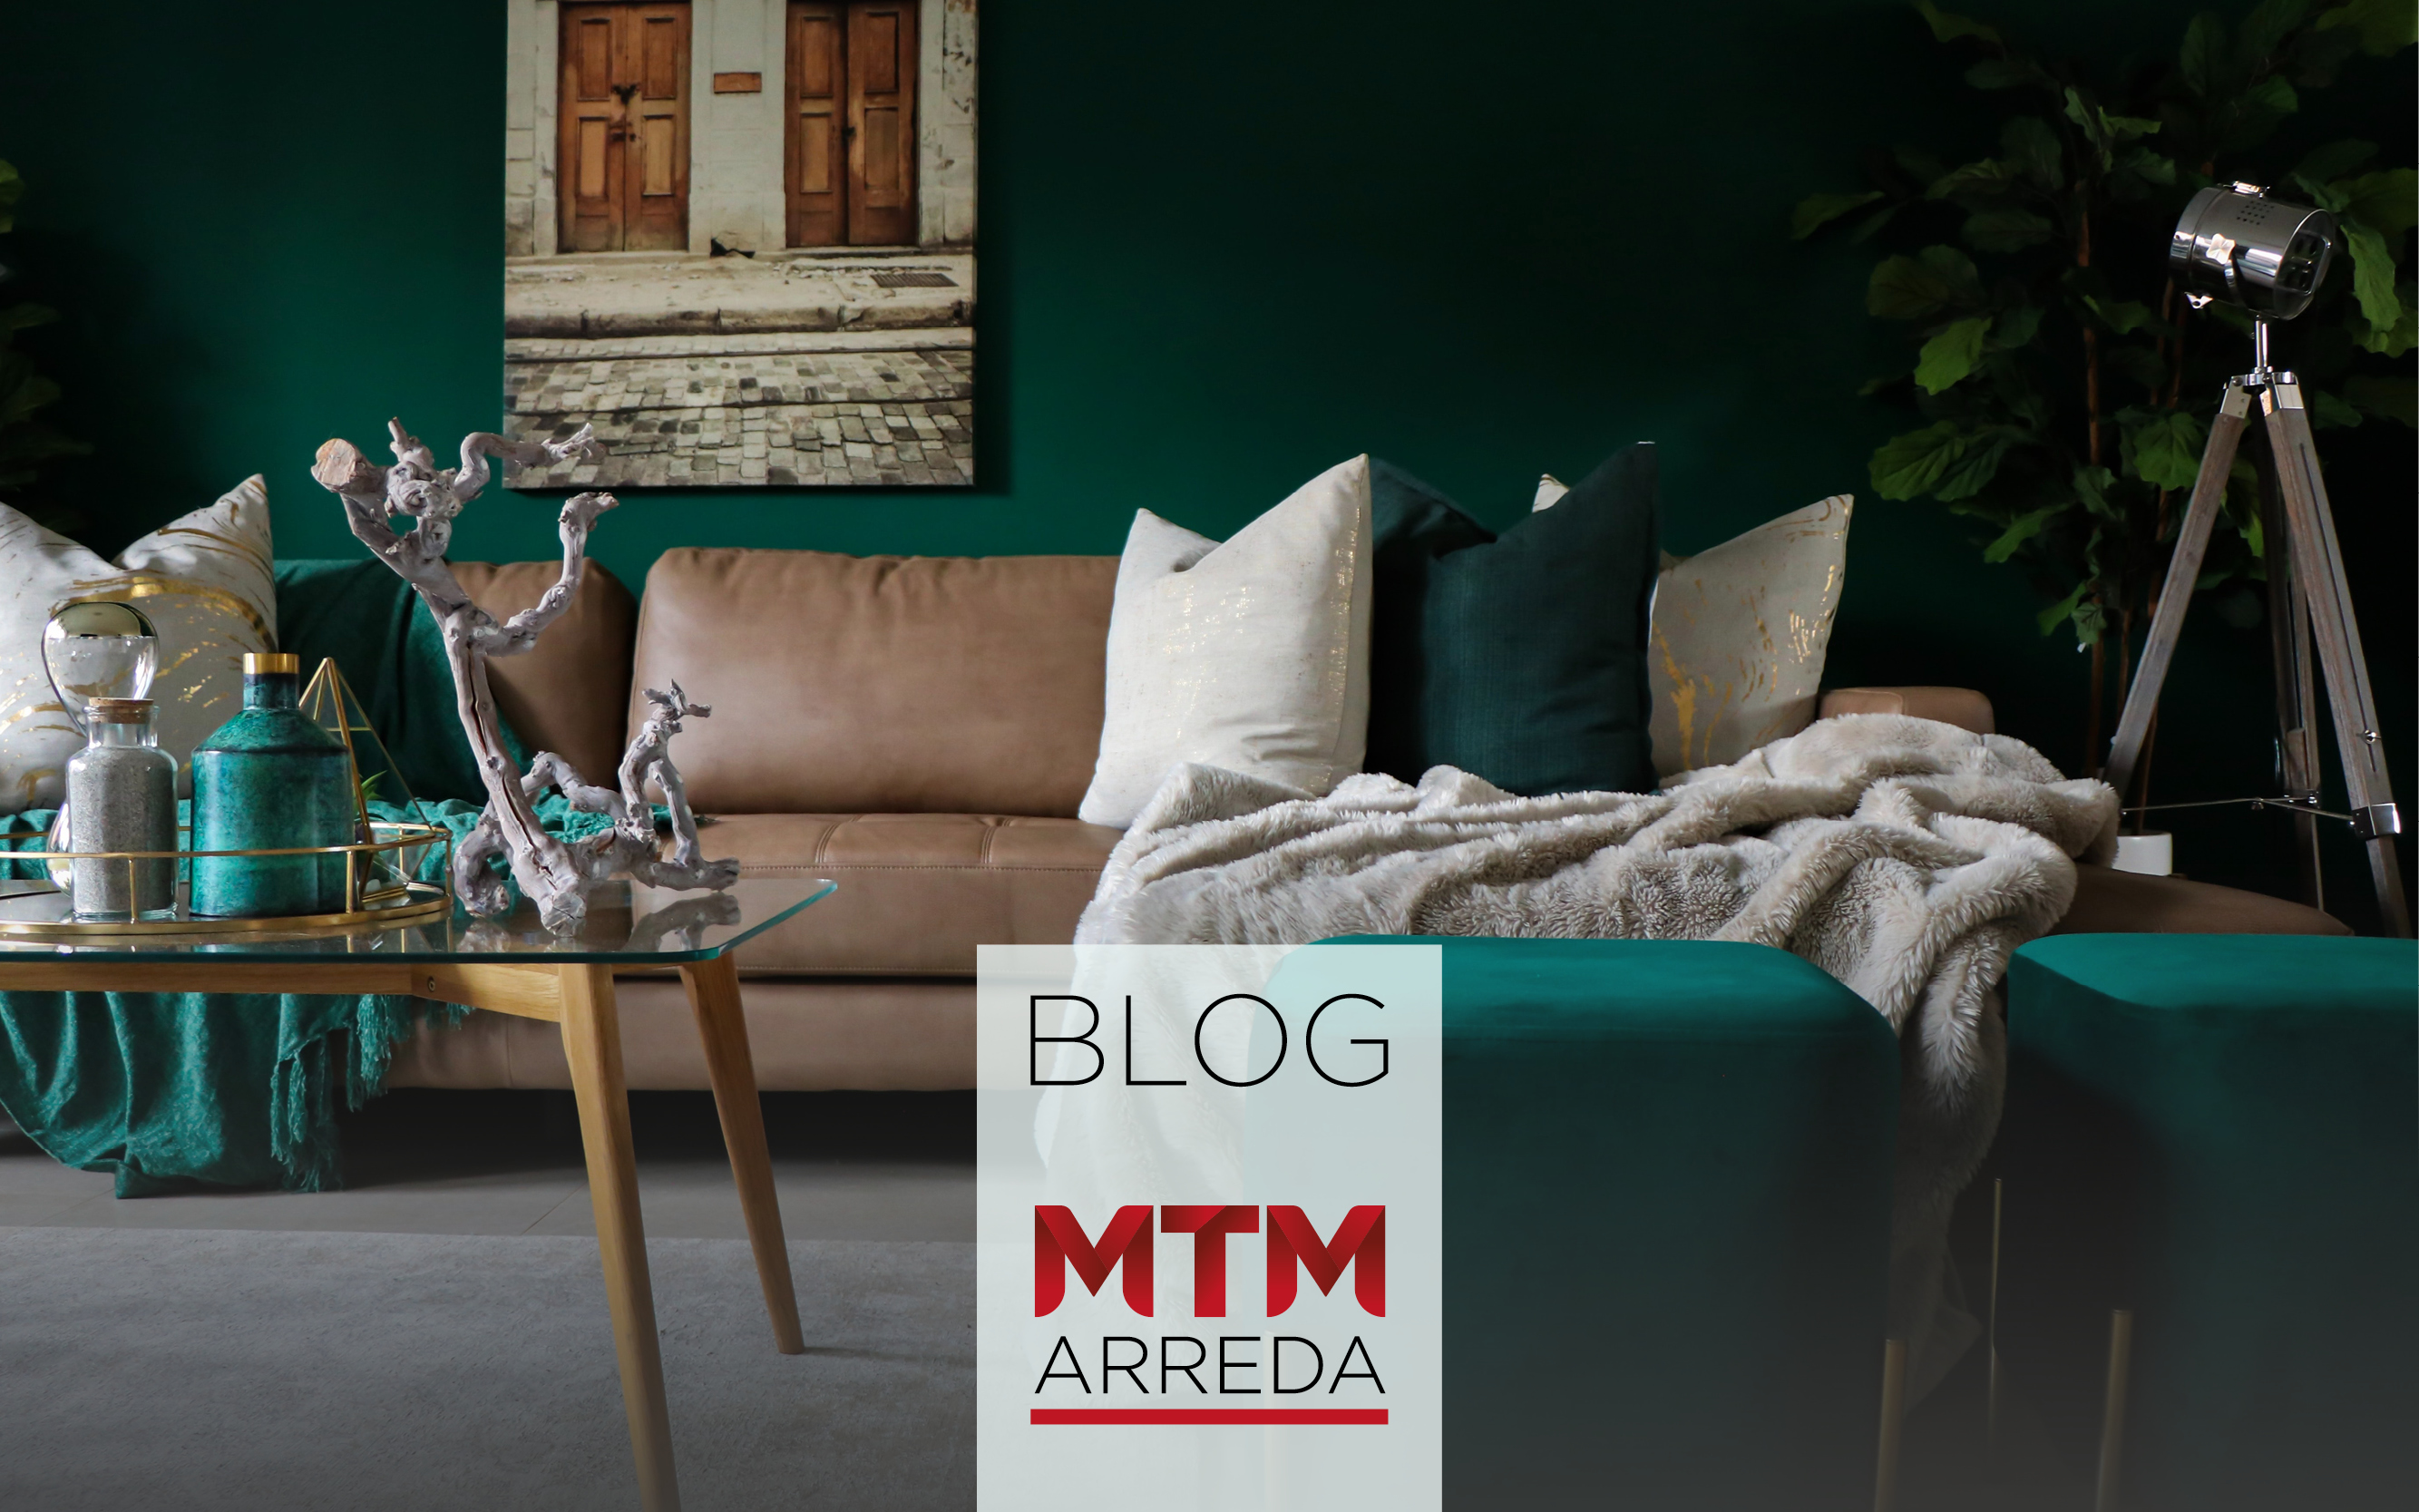 MTM-arreda-Blog-tendenza-arredo-21